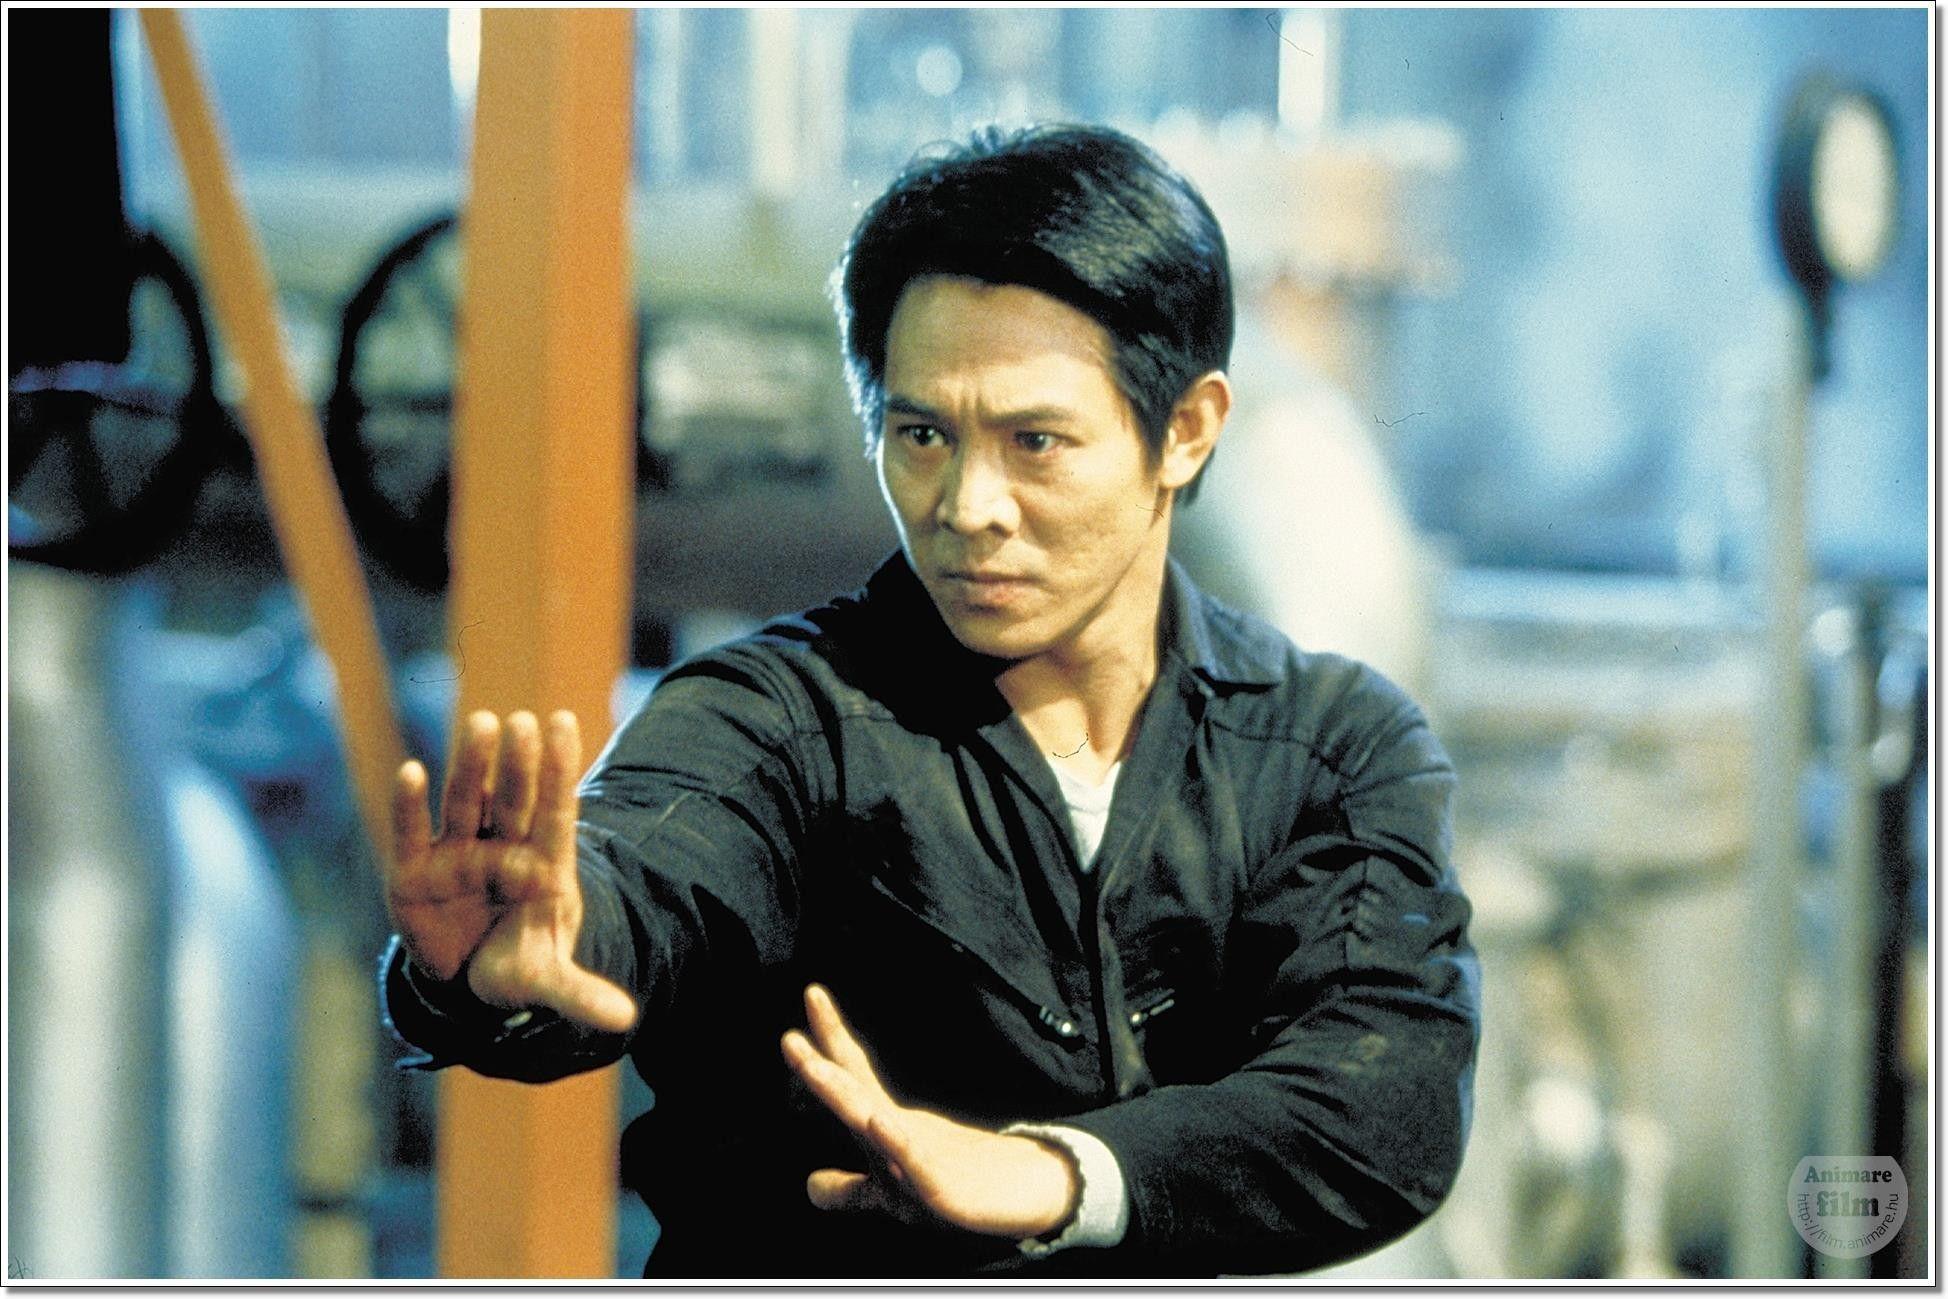 Jet Li. Li Lianjie Born 26 April 1963. Chinese film actor